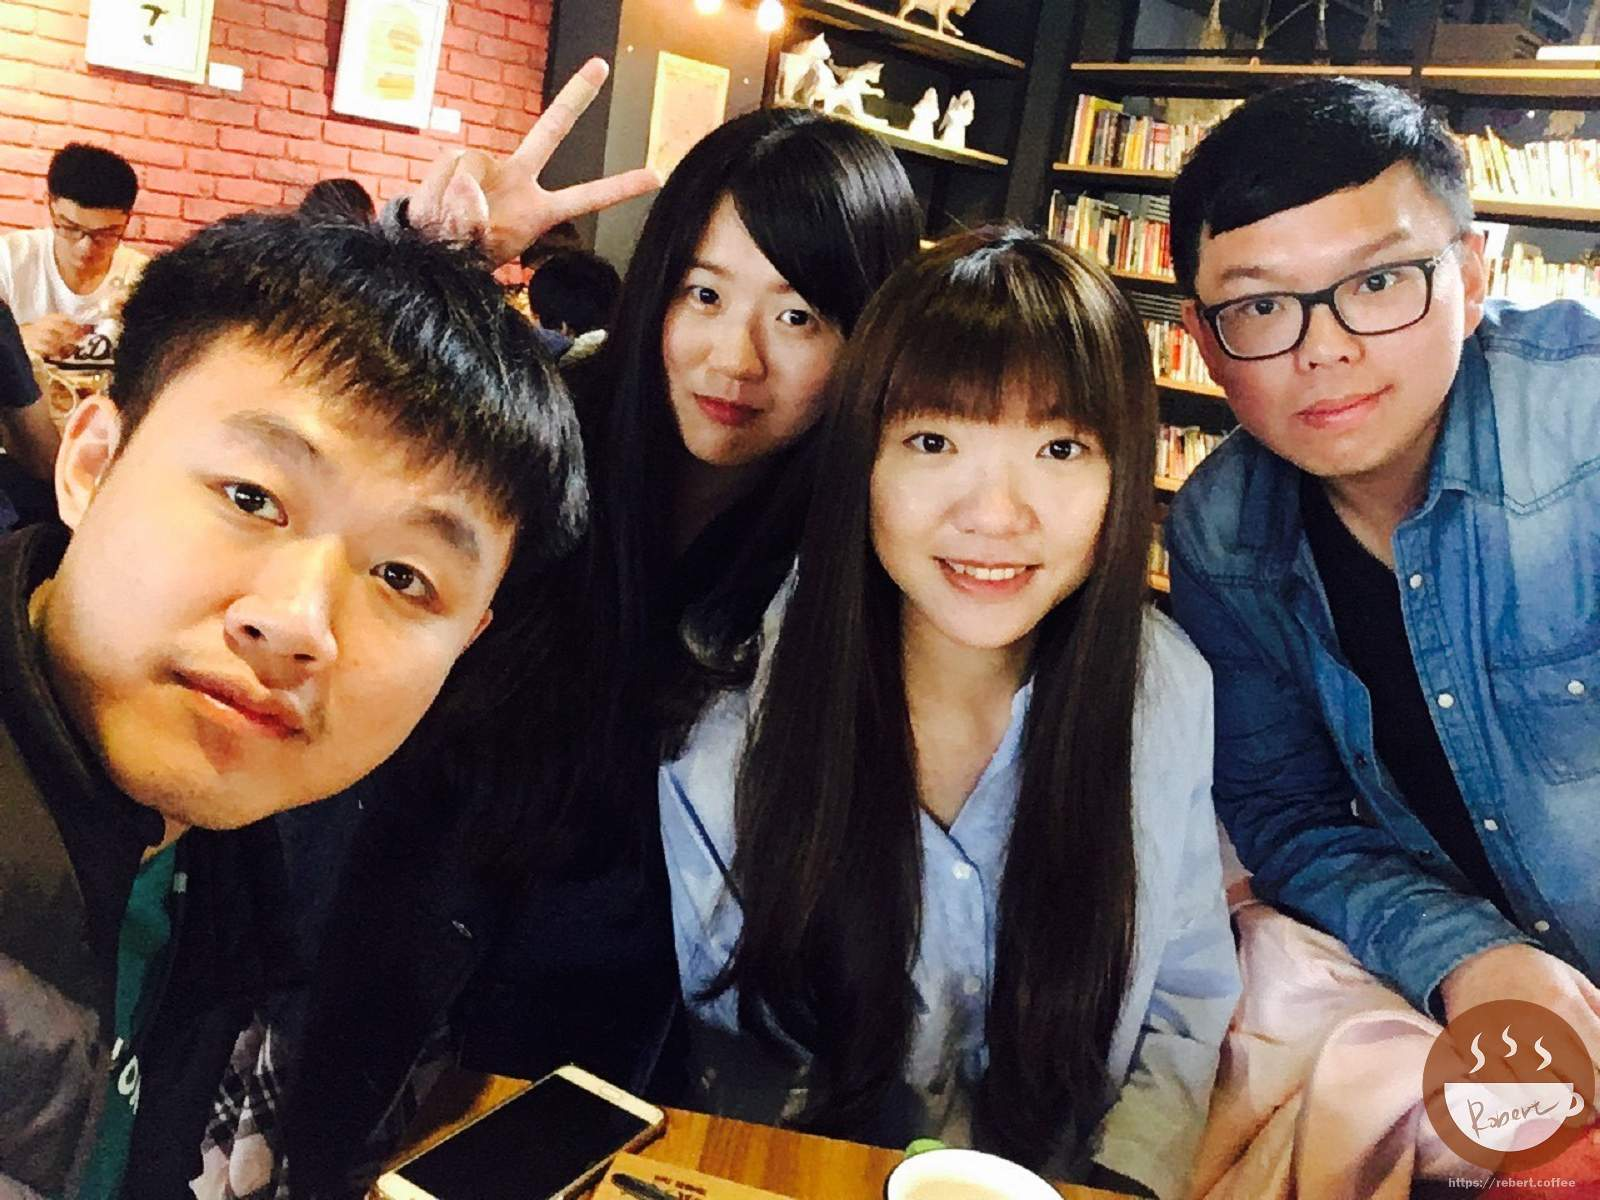 旅人咖啡館│龍潭簡餐咖啡廳推薦,聚餐聊天好地方,平價餐點好吃,還有超便宜的冰滴咖啡! 29